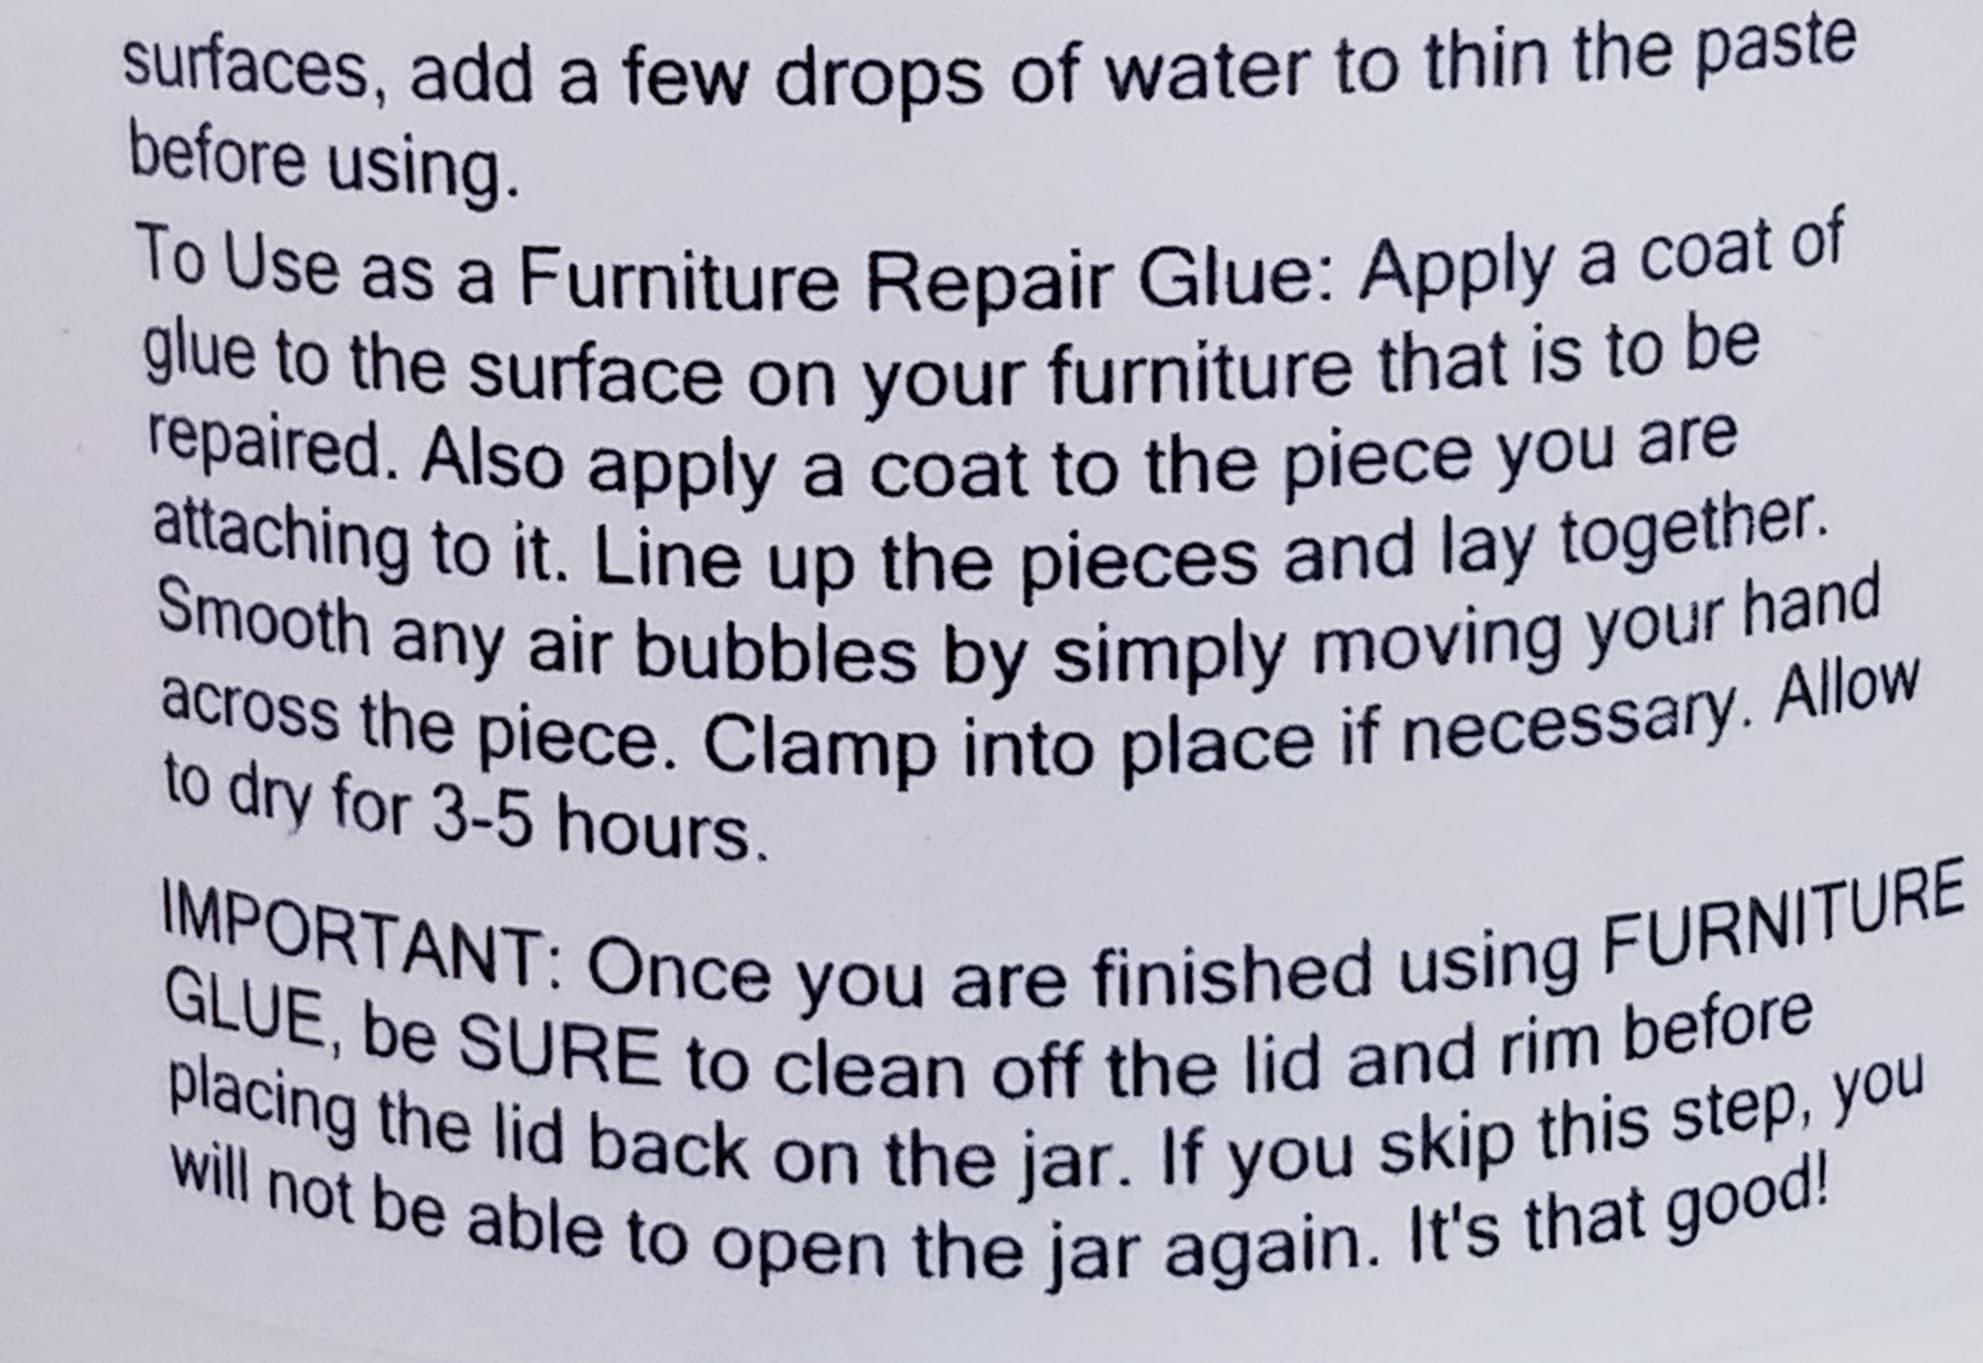 furniture glue instructions